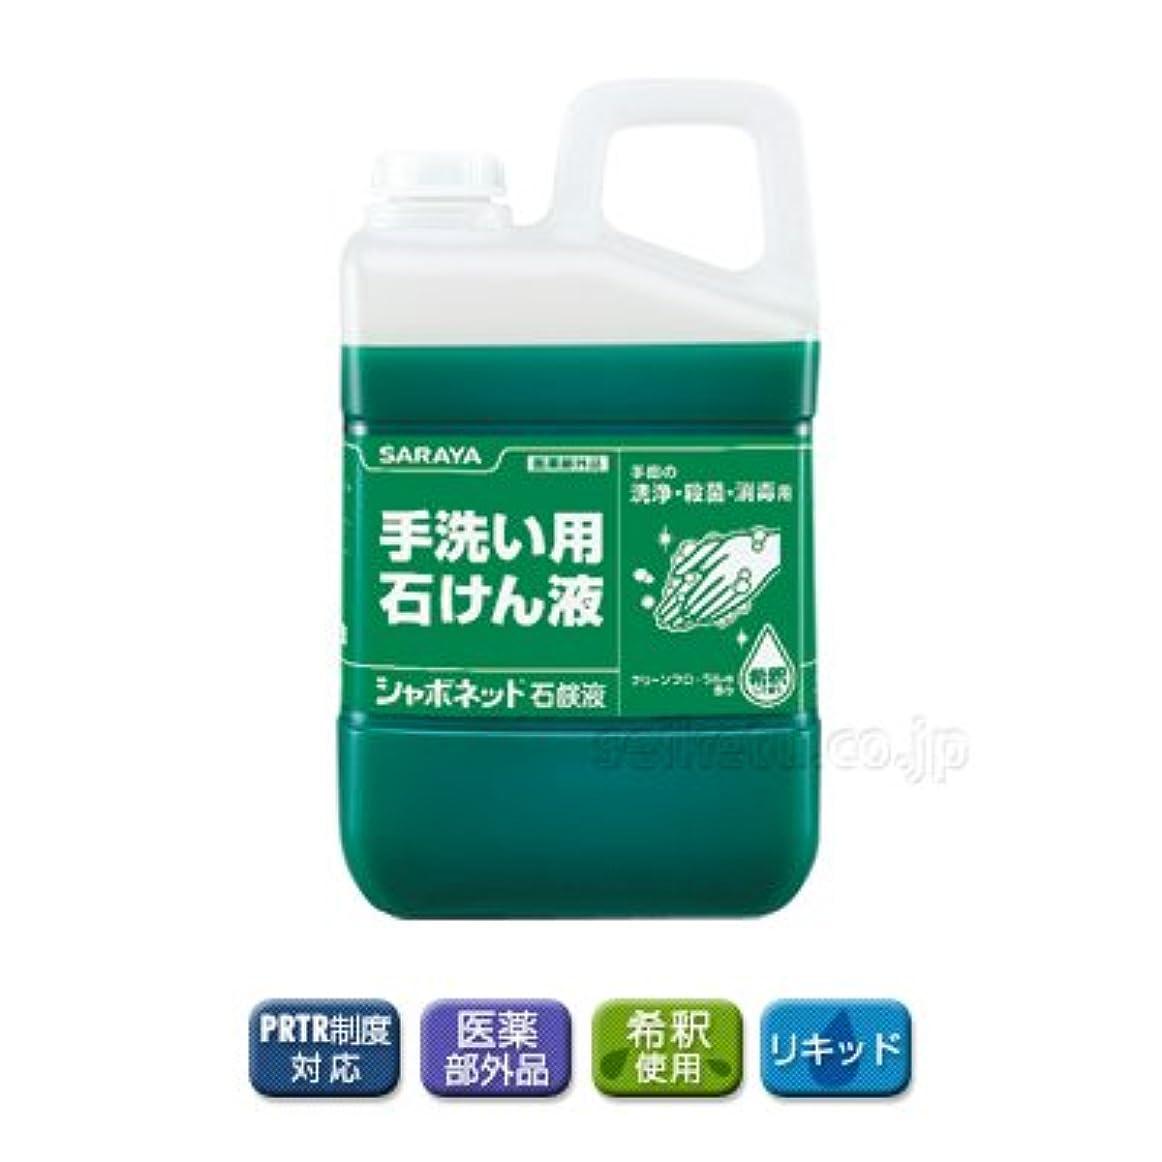 進行中システム荒涼とした【清潔キレイ館】サラヤ シャボネット石鹸液(3kg)